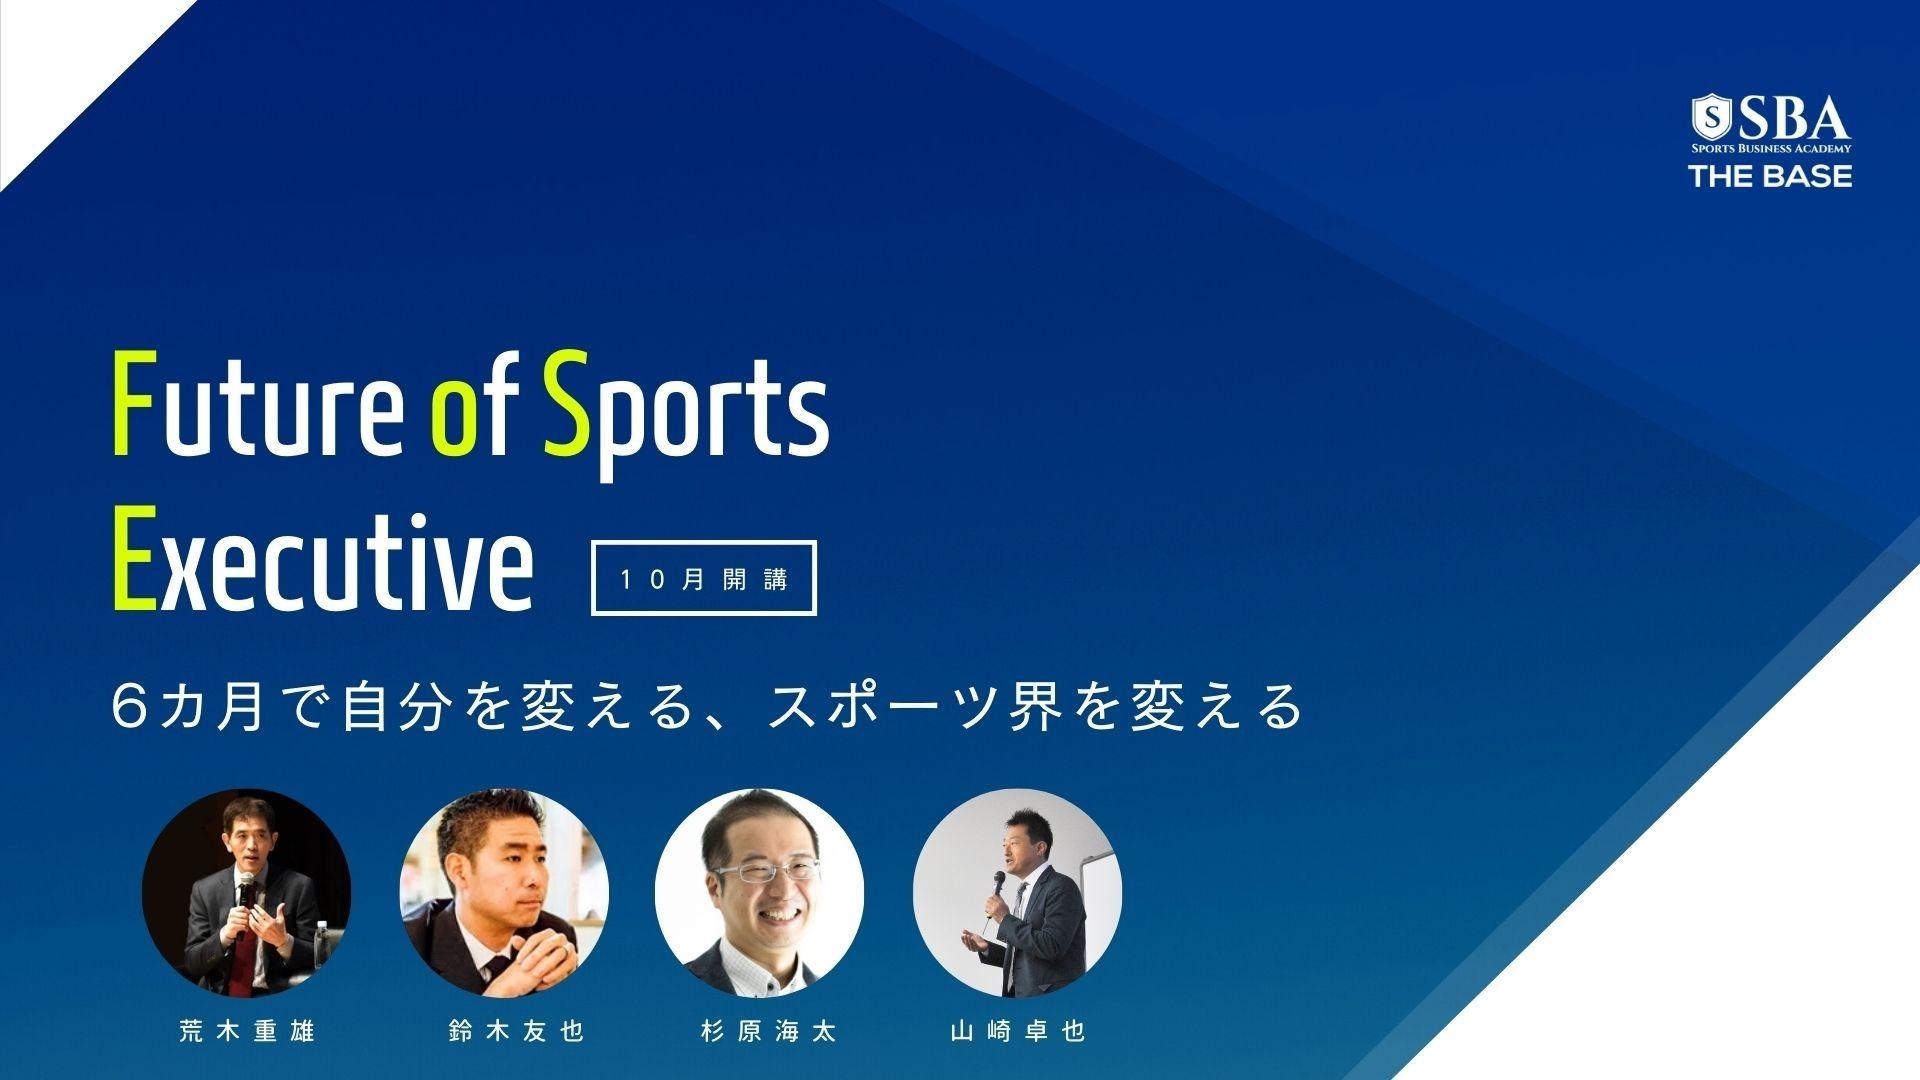 『6か月で自分を変える、スポーツ界を変える』 FoSE、10月開講。